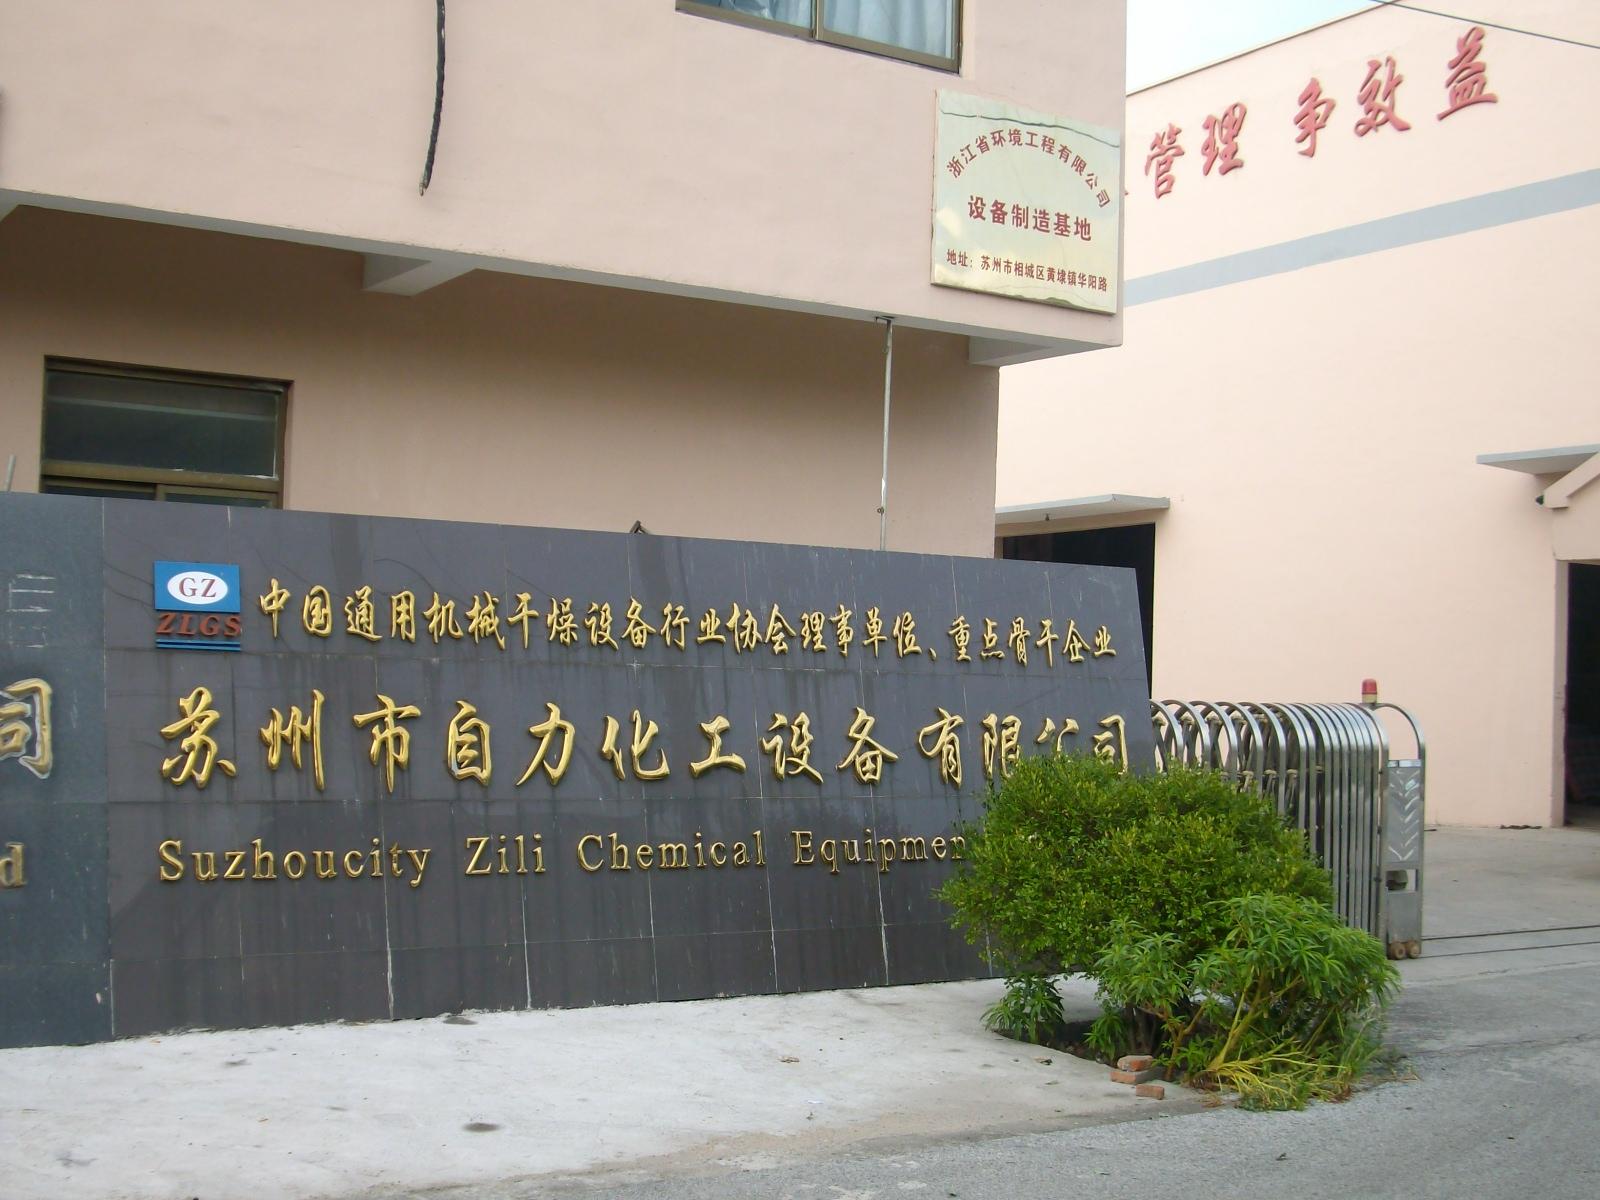 苏州市自力化工设备亚博娱乐官方网首页